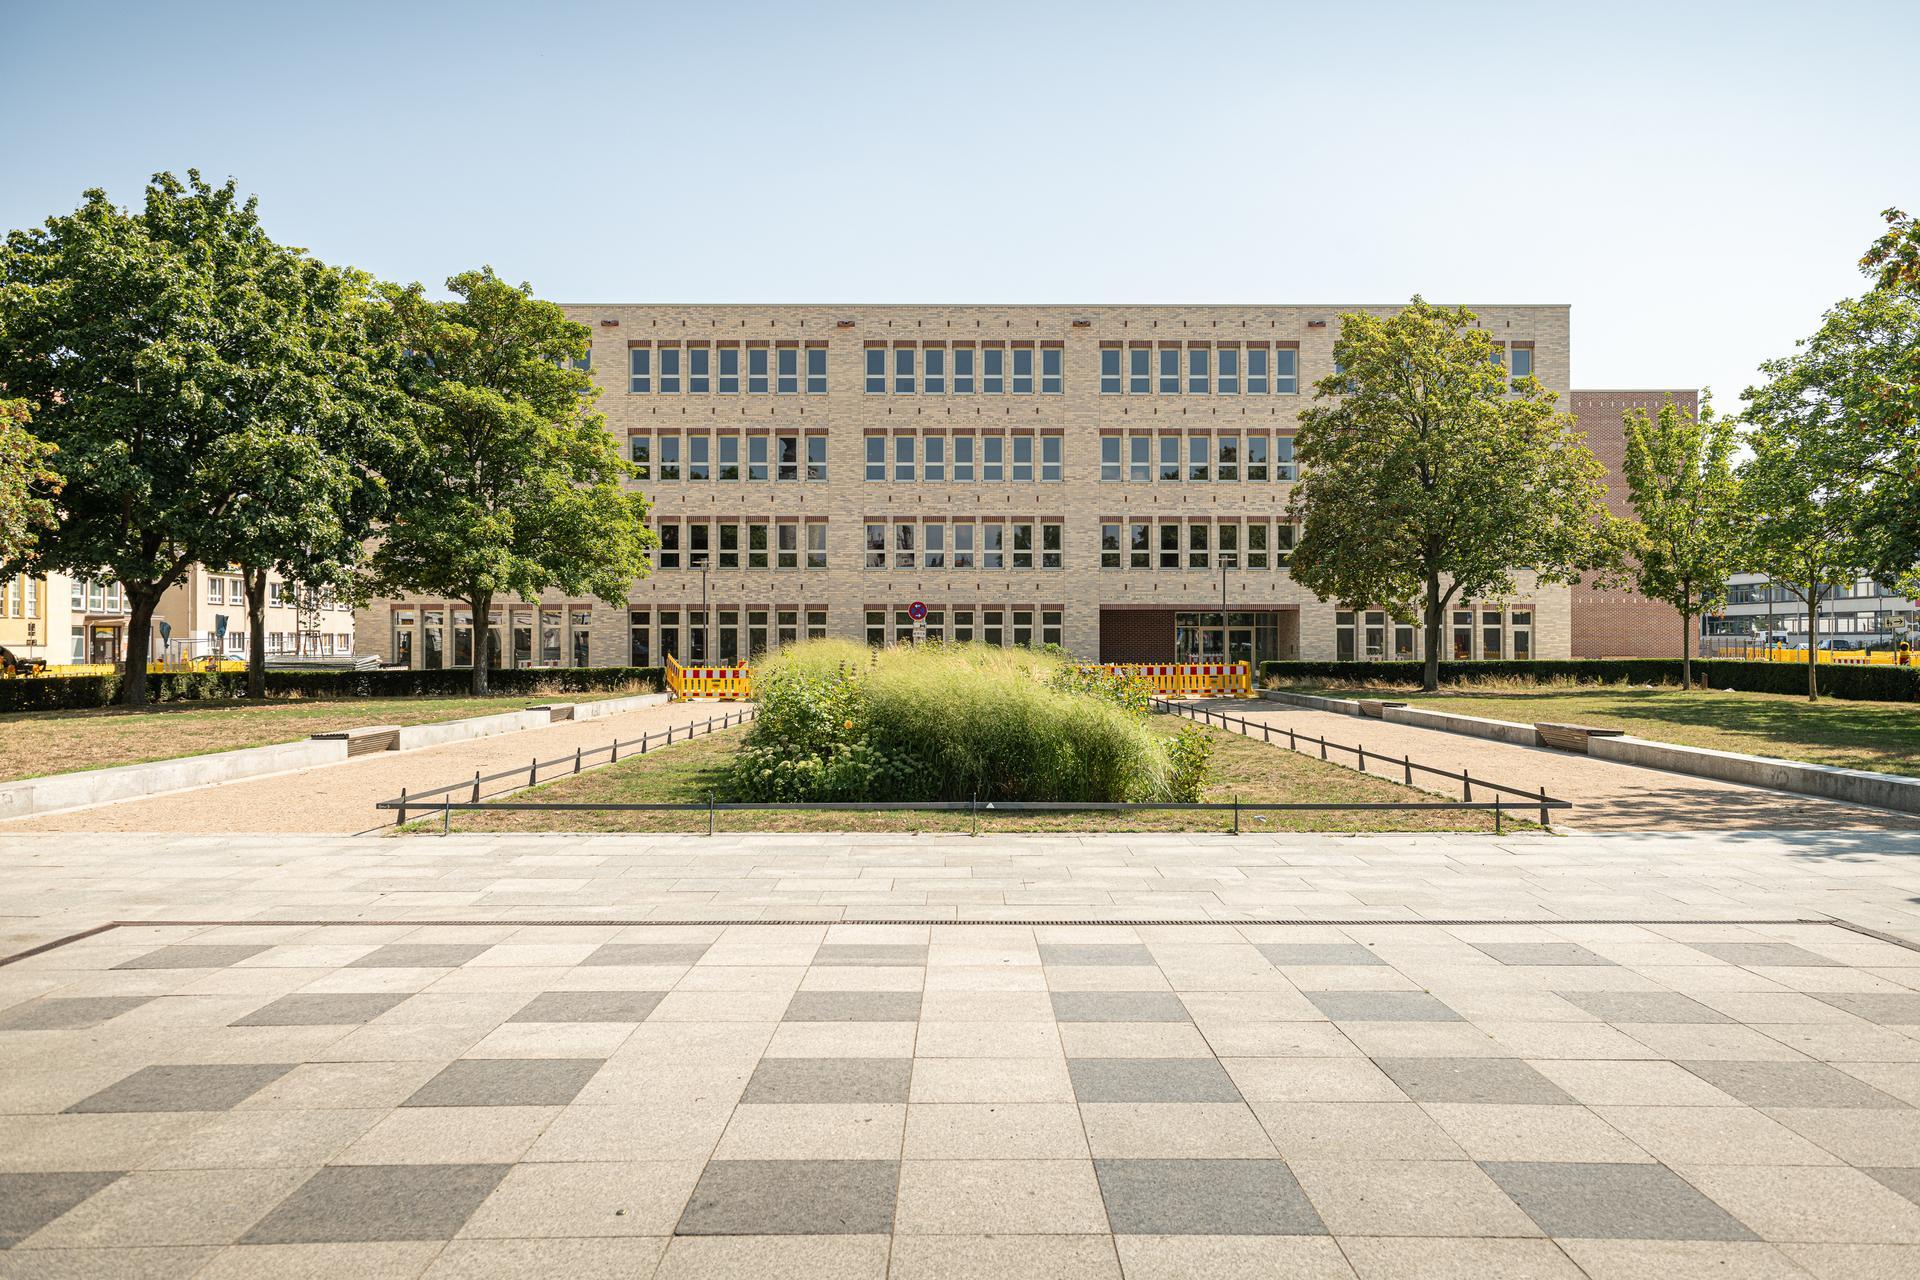 Land Sachsen hebt Maskenpflicht an Schulen bei stabiler Sieben-Tage-Inzidenz unter 35 auf